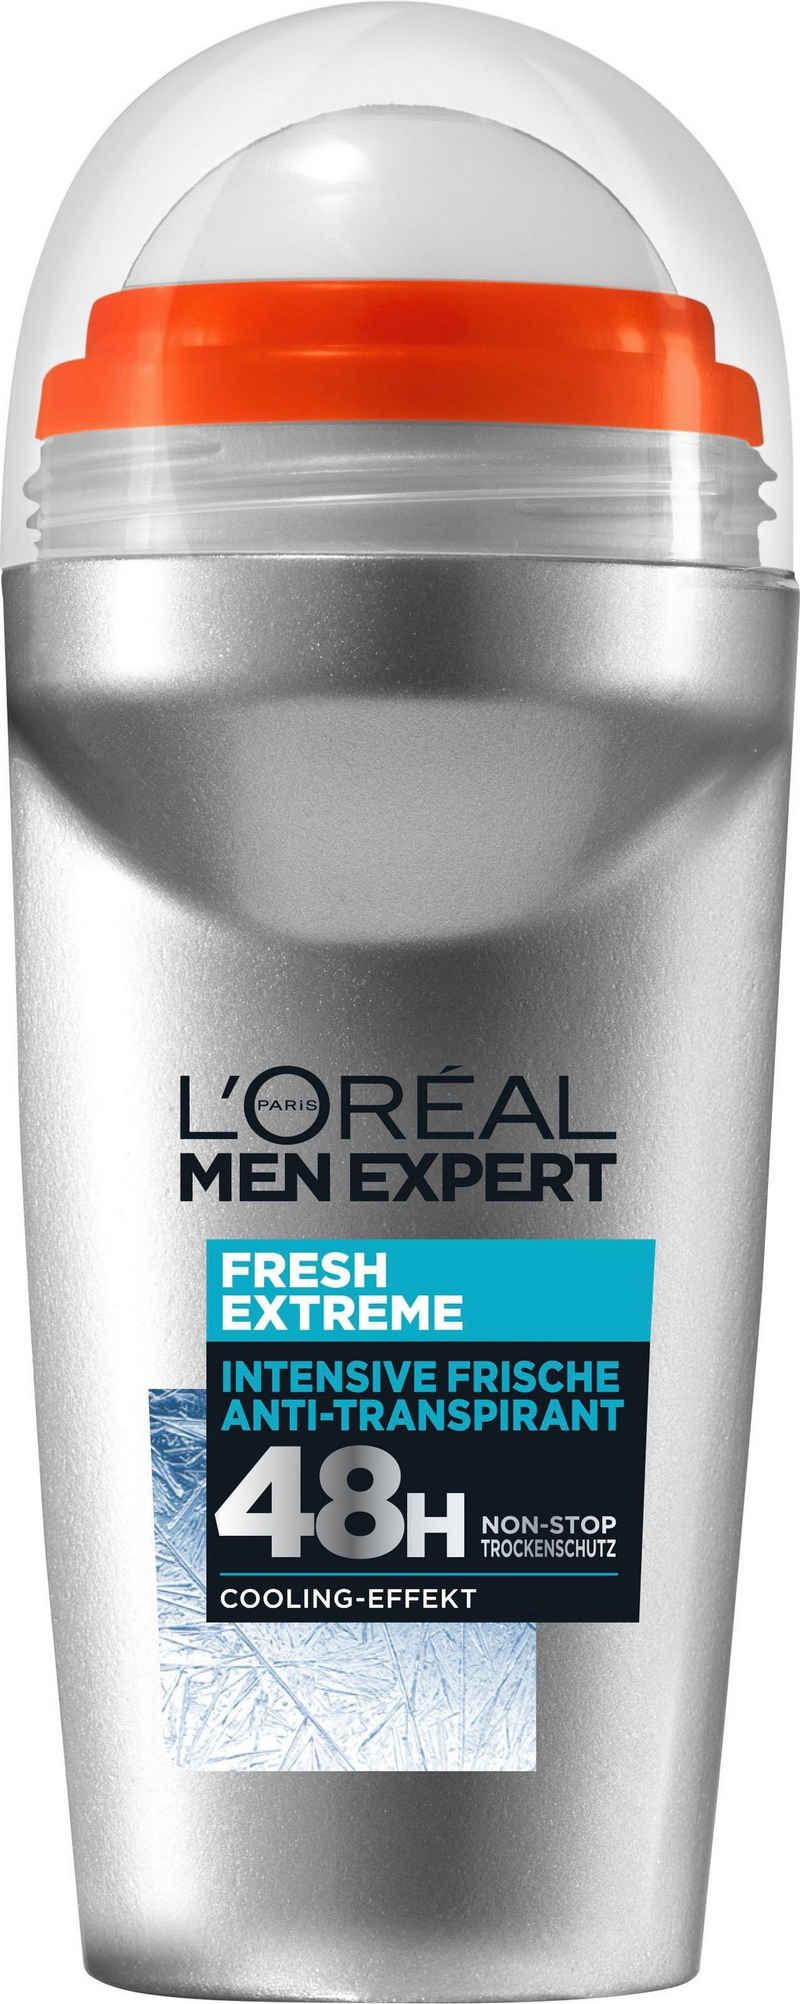 L'ORÉAL PARIS MEN EXPERT Deo-Roller »Fresh Extreme«, 48H Non-Stop Trockenschutz